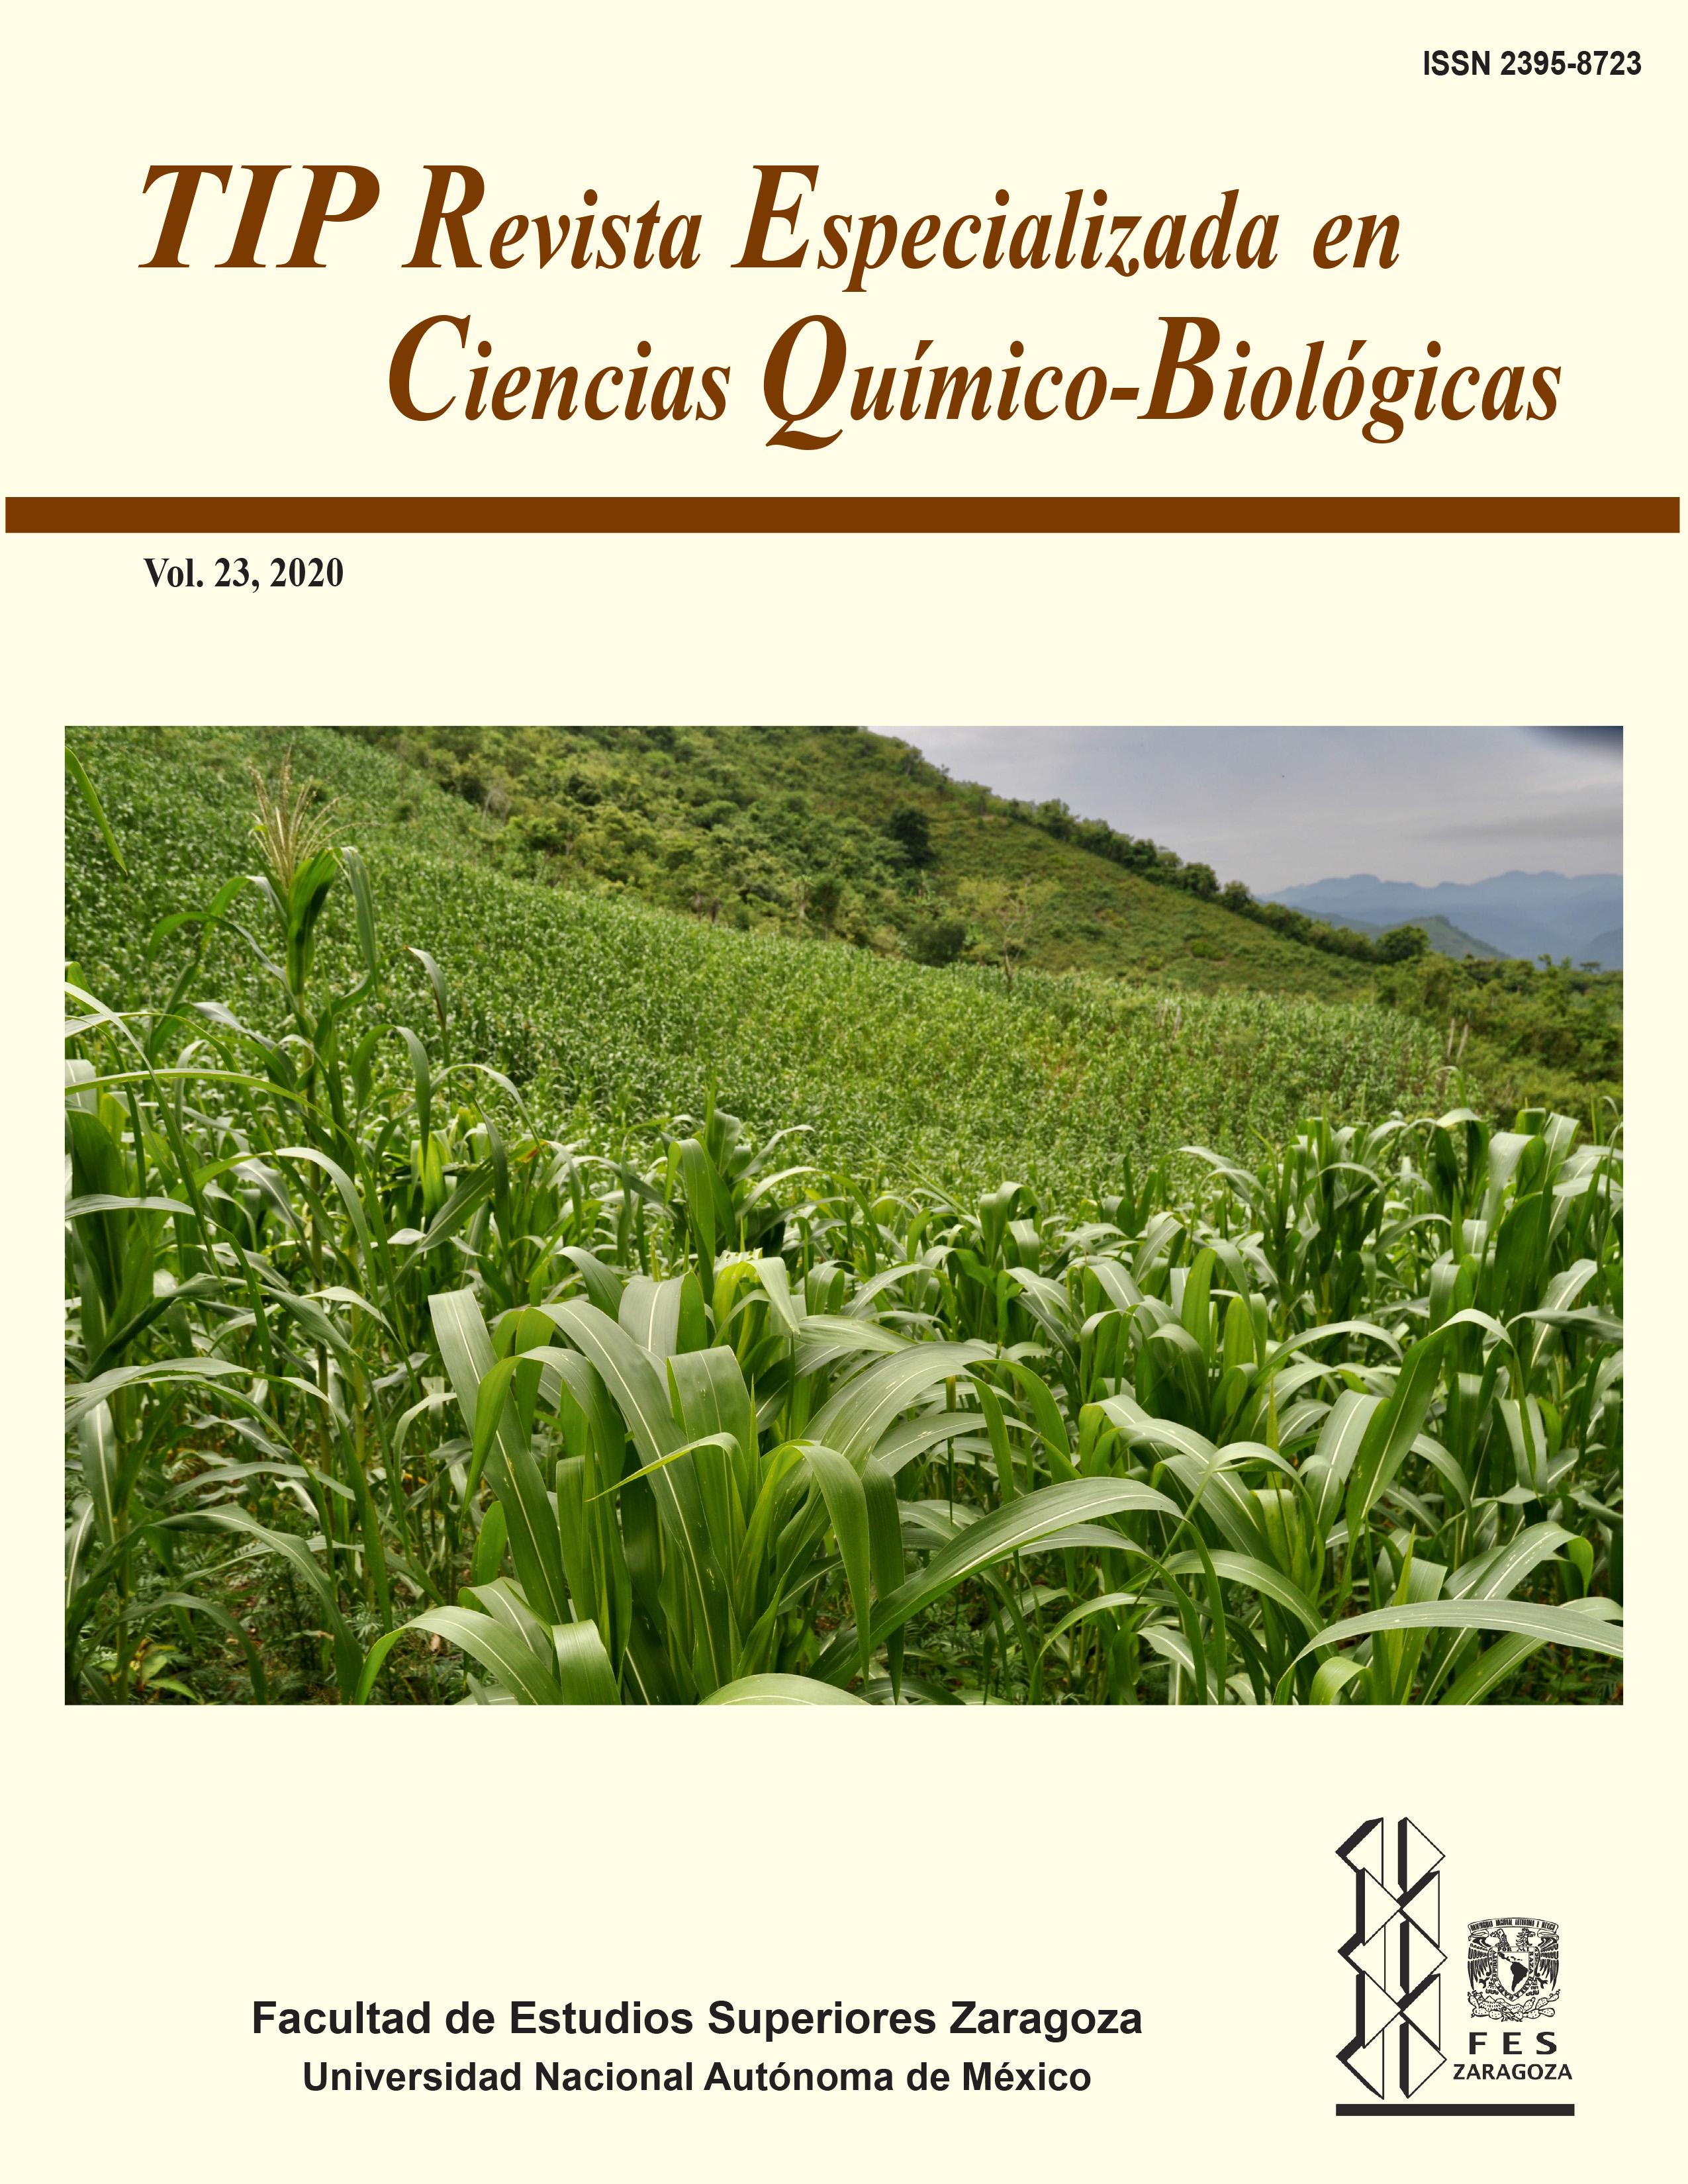 Milpas en la Huasteca Hidalguense, en la comunidad de Xochiatipan, Hidalgo, México. Fotografía de: Ricardo María Garibay.